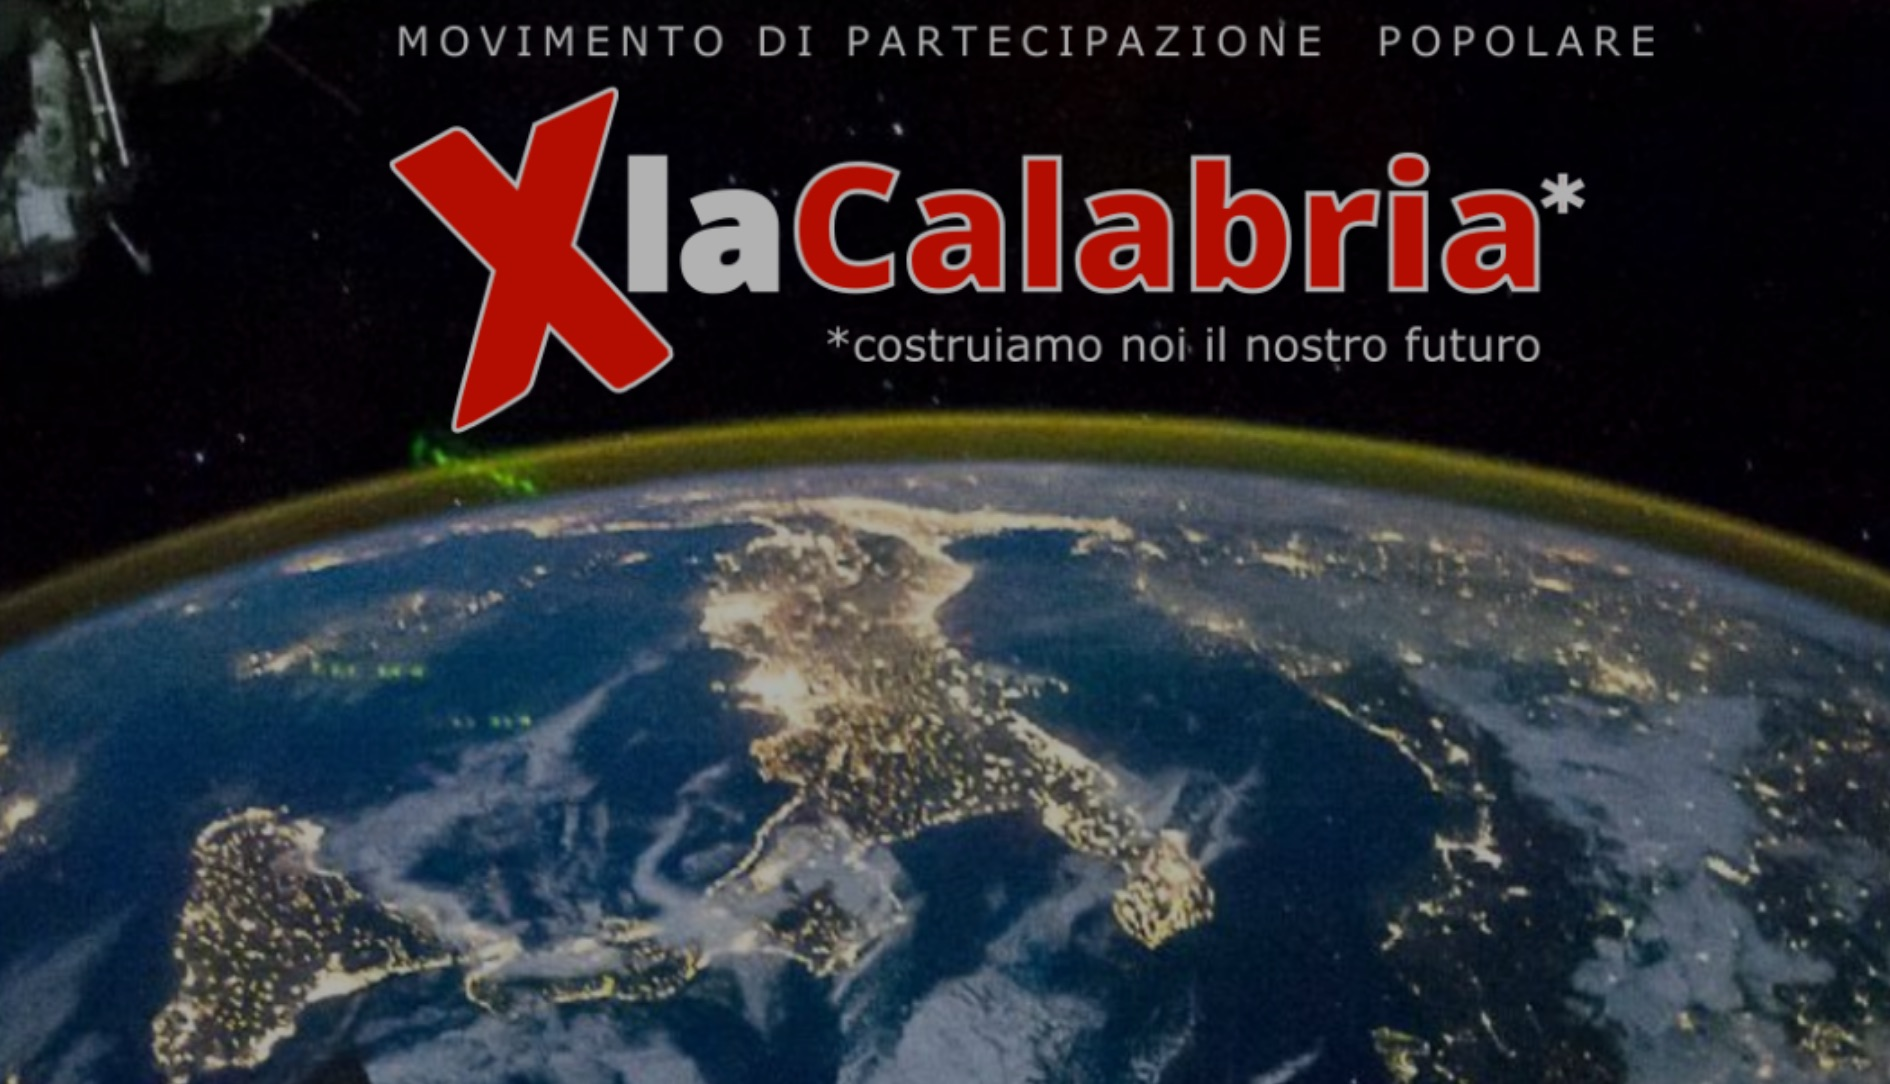 Oliverio e Fragomeni si piegano al volere leghista del presidente Luca Zaia?